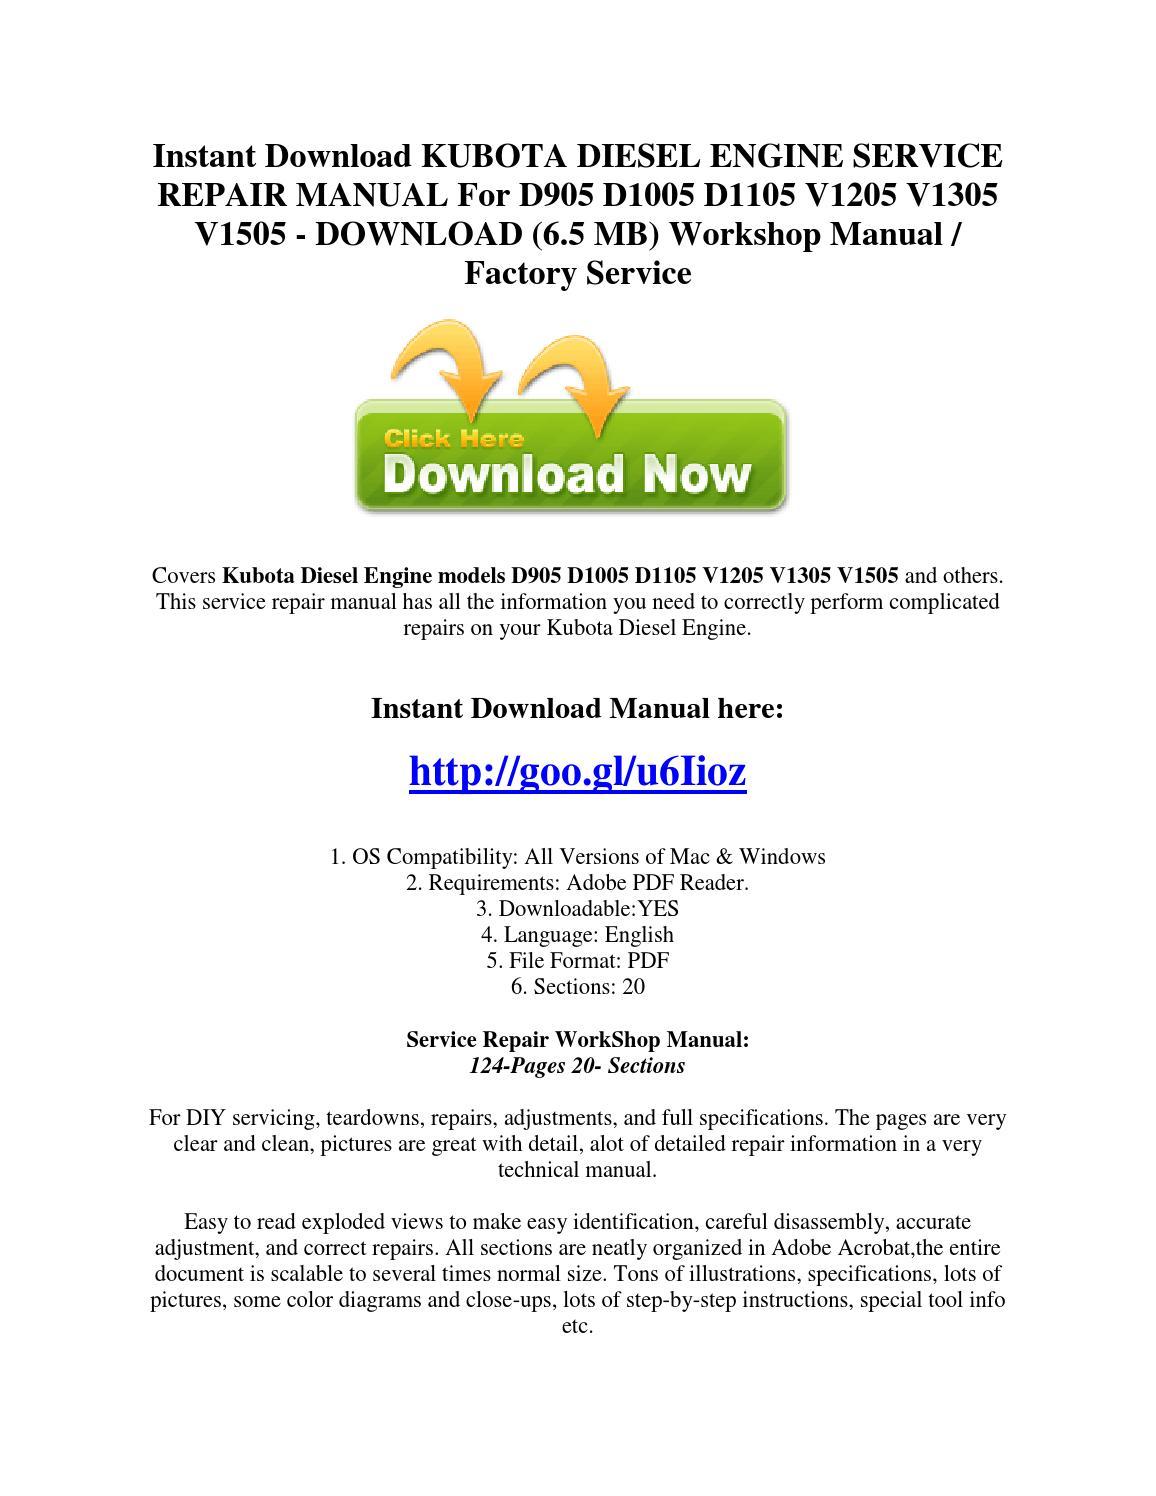 Instant download kubota diesel engine service repair manual for d905 d1005  d1105 v1205 v1305 v1505 by ServiceManualsDownloadOnline - issuu